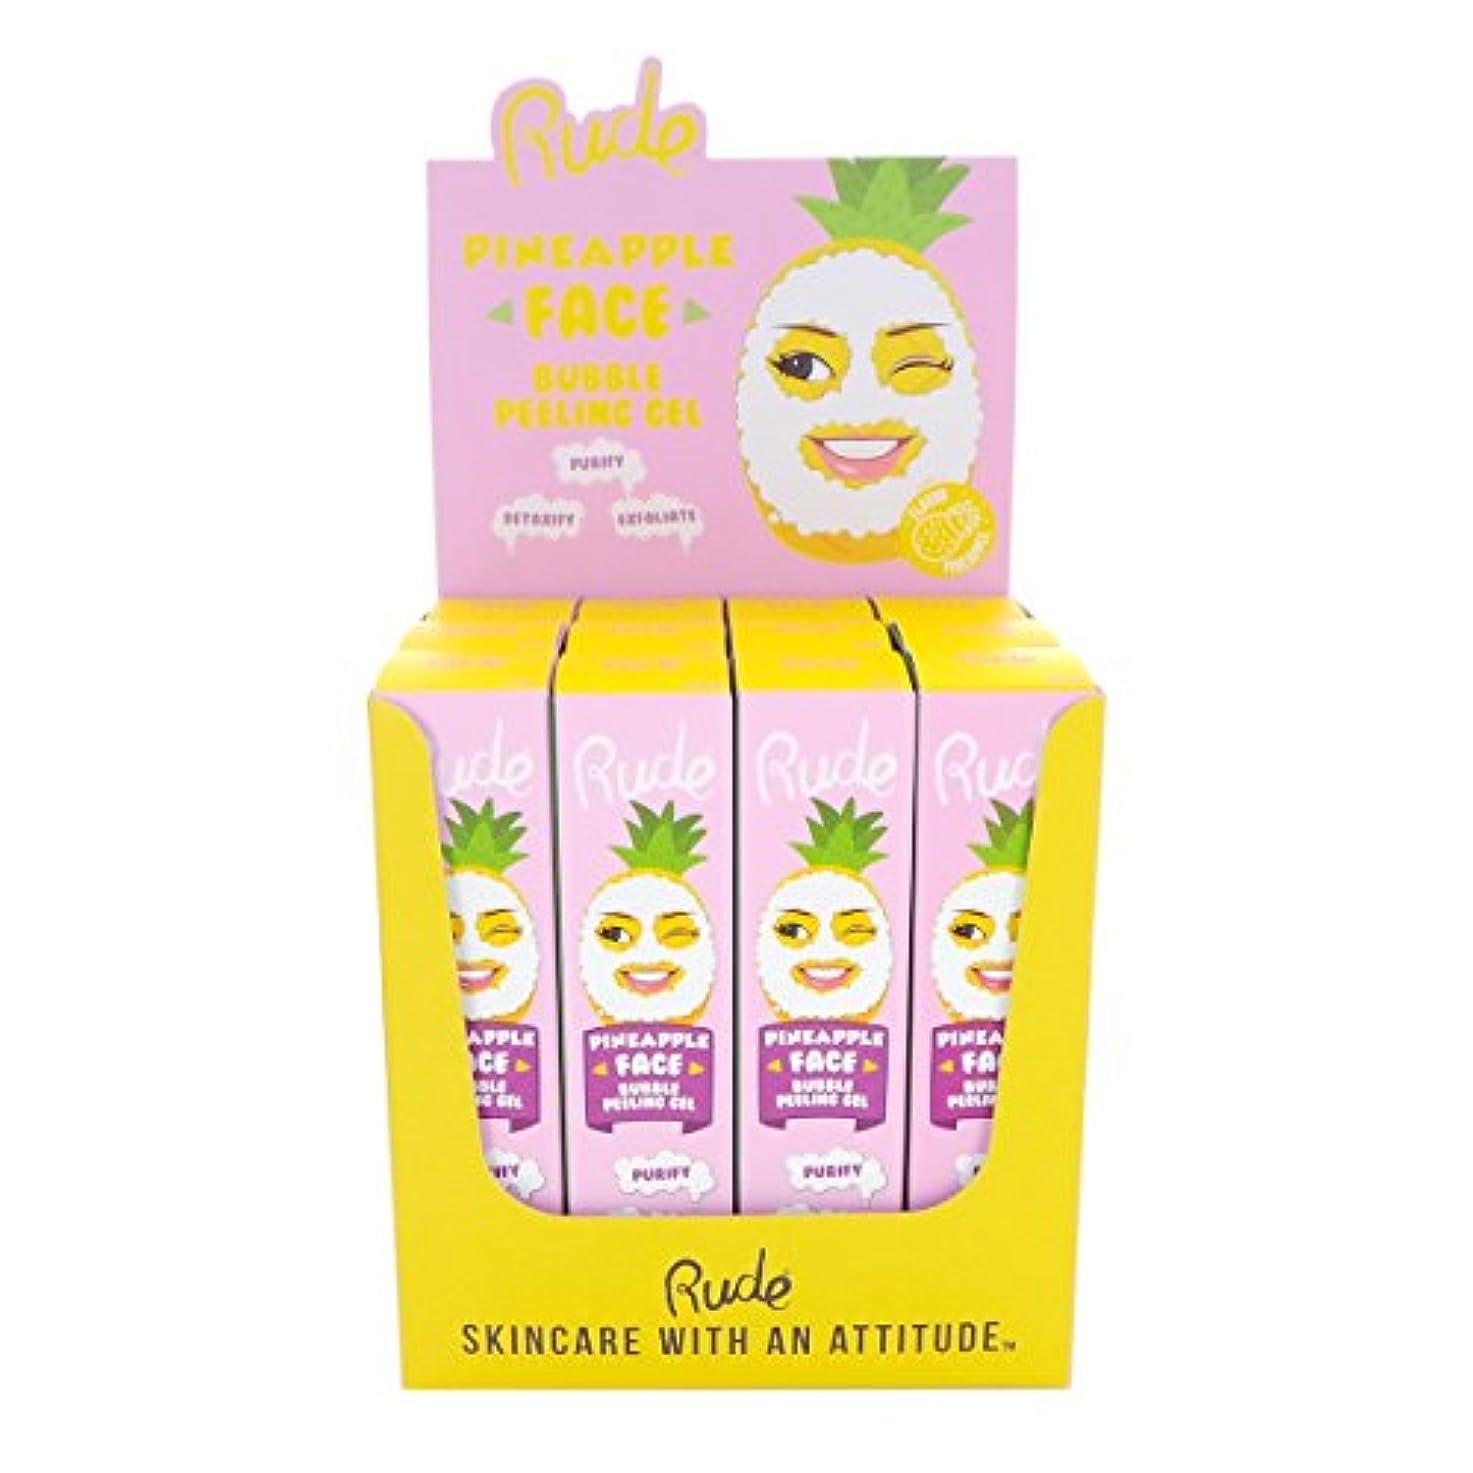 光の願望ジョージスティーブンソンRUDE Pineapple Face Bubble Peeling Gel Paper Display Set, 12 Pieces (並行輸入品)